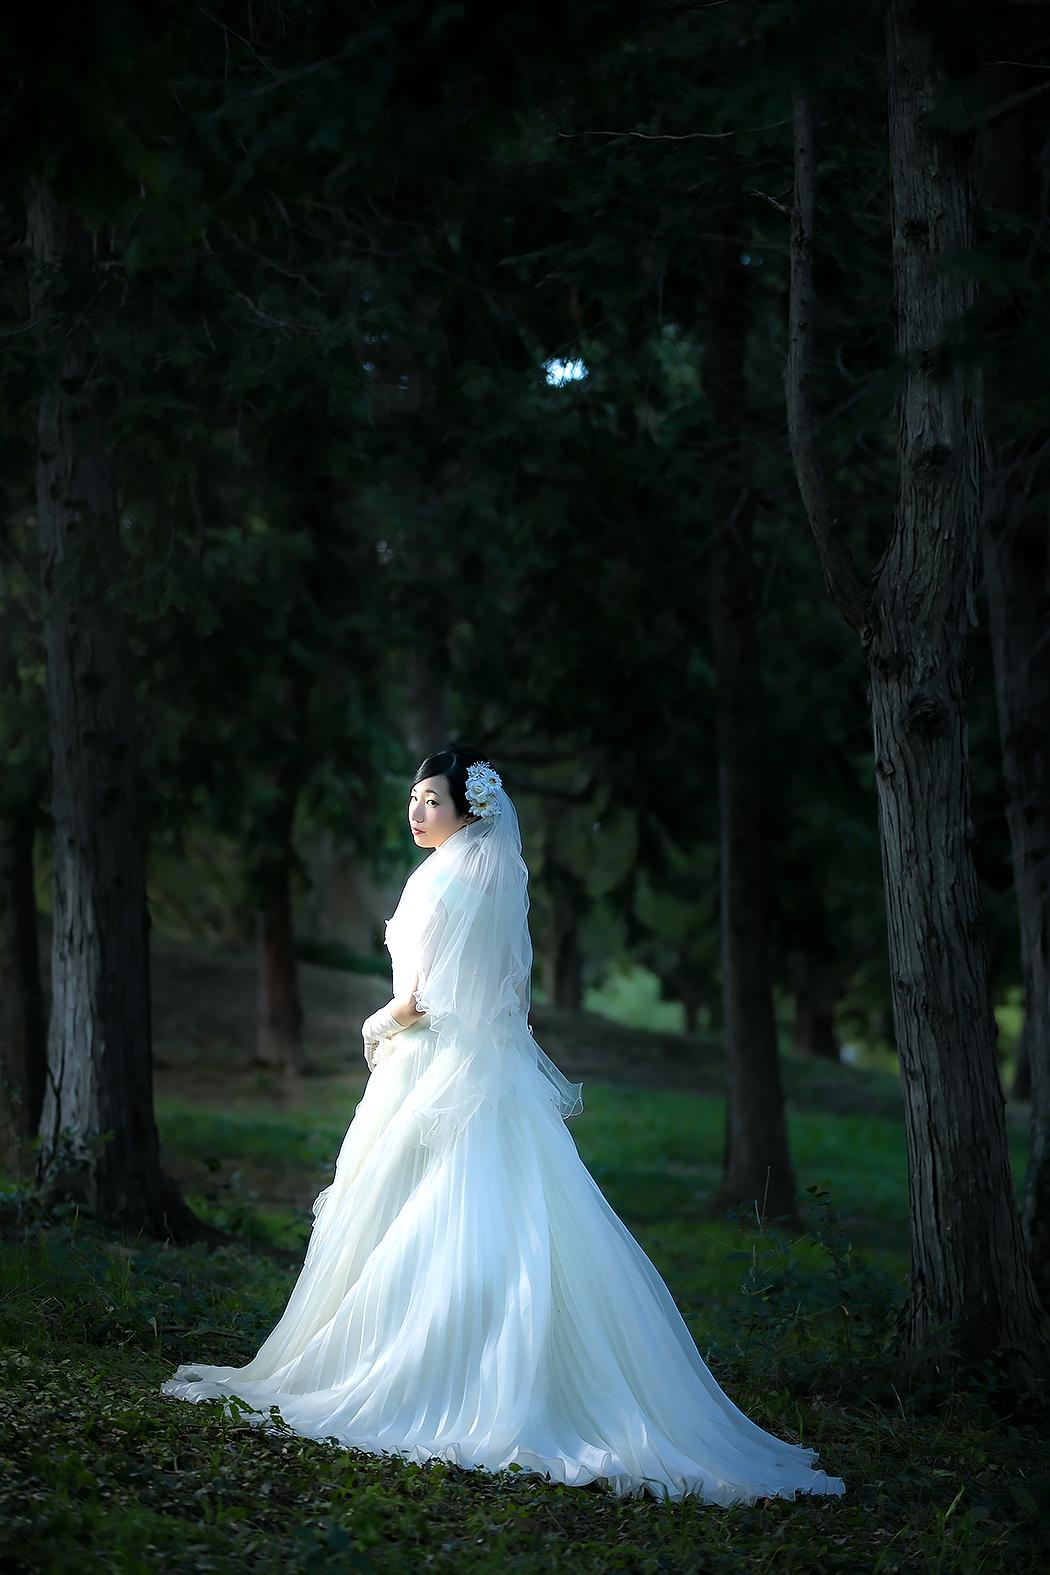 フォトウェディング,ドレス,ロケーション撮影